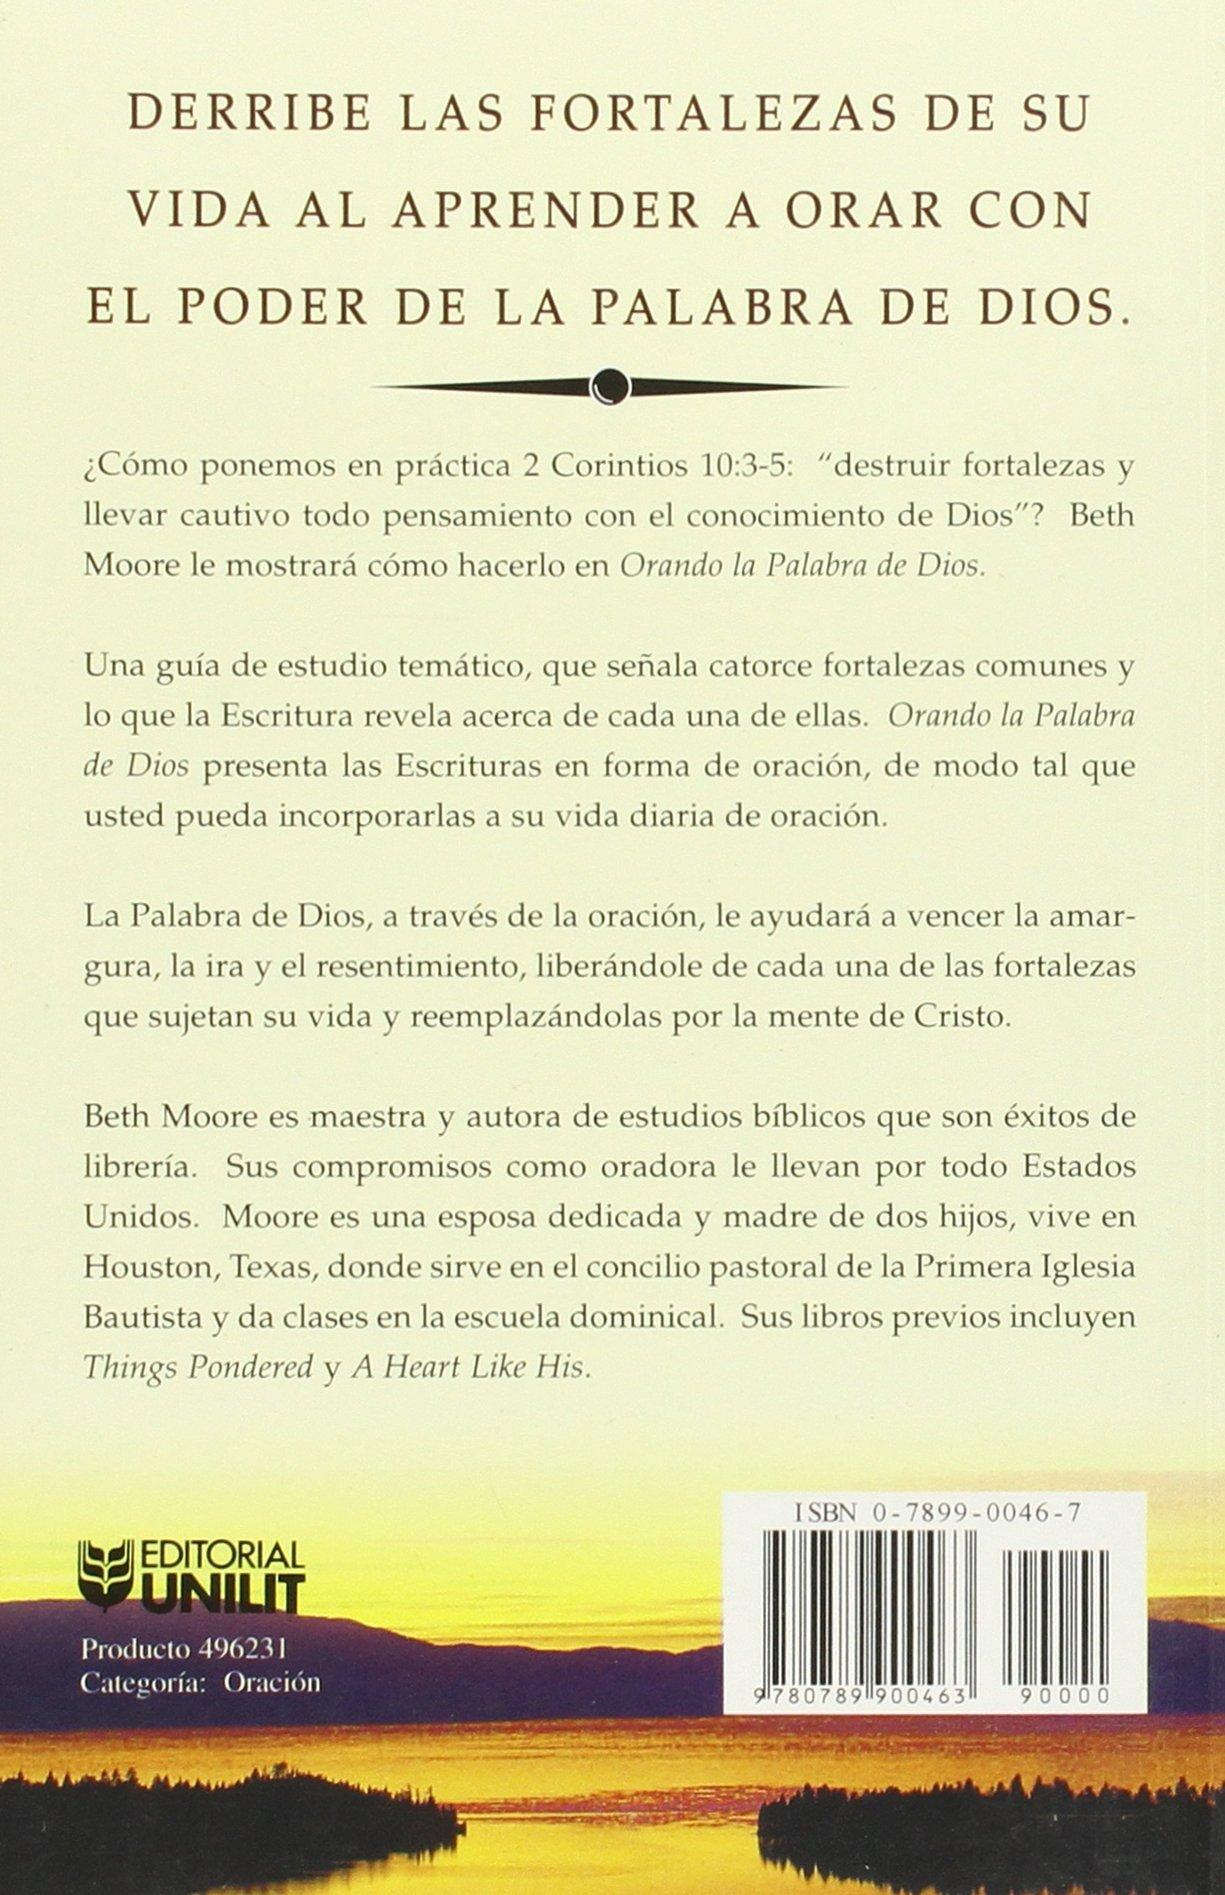 Oranda La Palabra de Dios: Liberese de las Fortalezas Espirituales (Spanish Edition): Beth Moore, Alejandro Las Sanchez, Christina Beigert Ehemann: ...